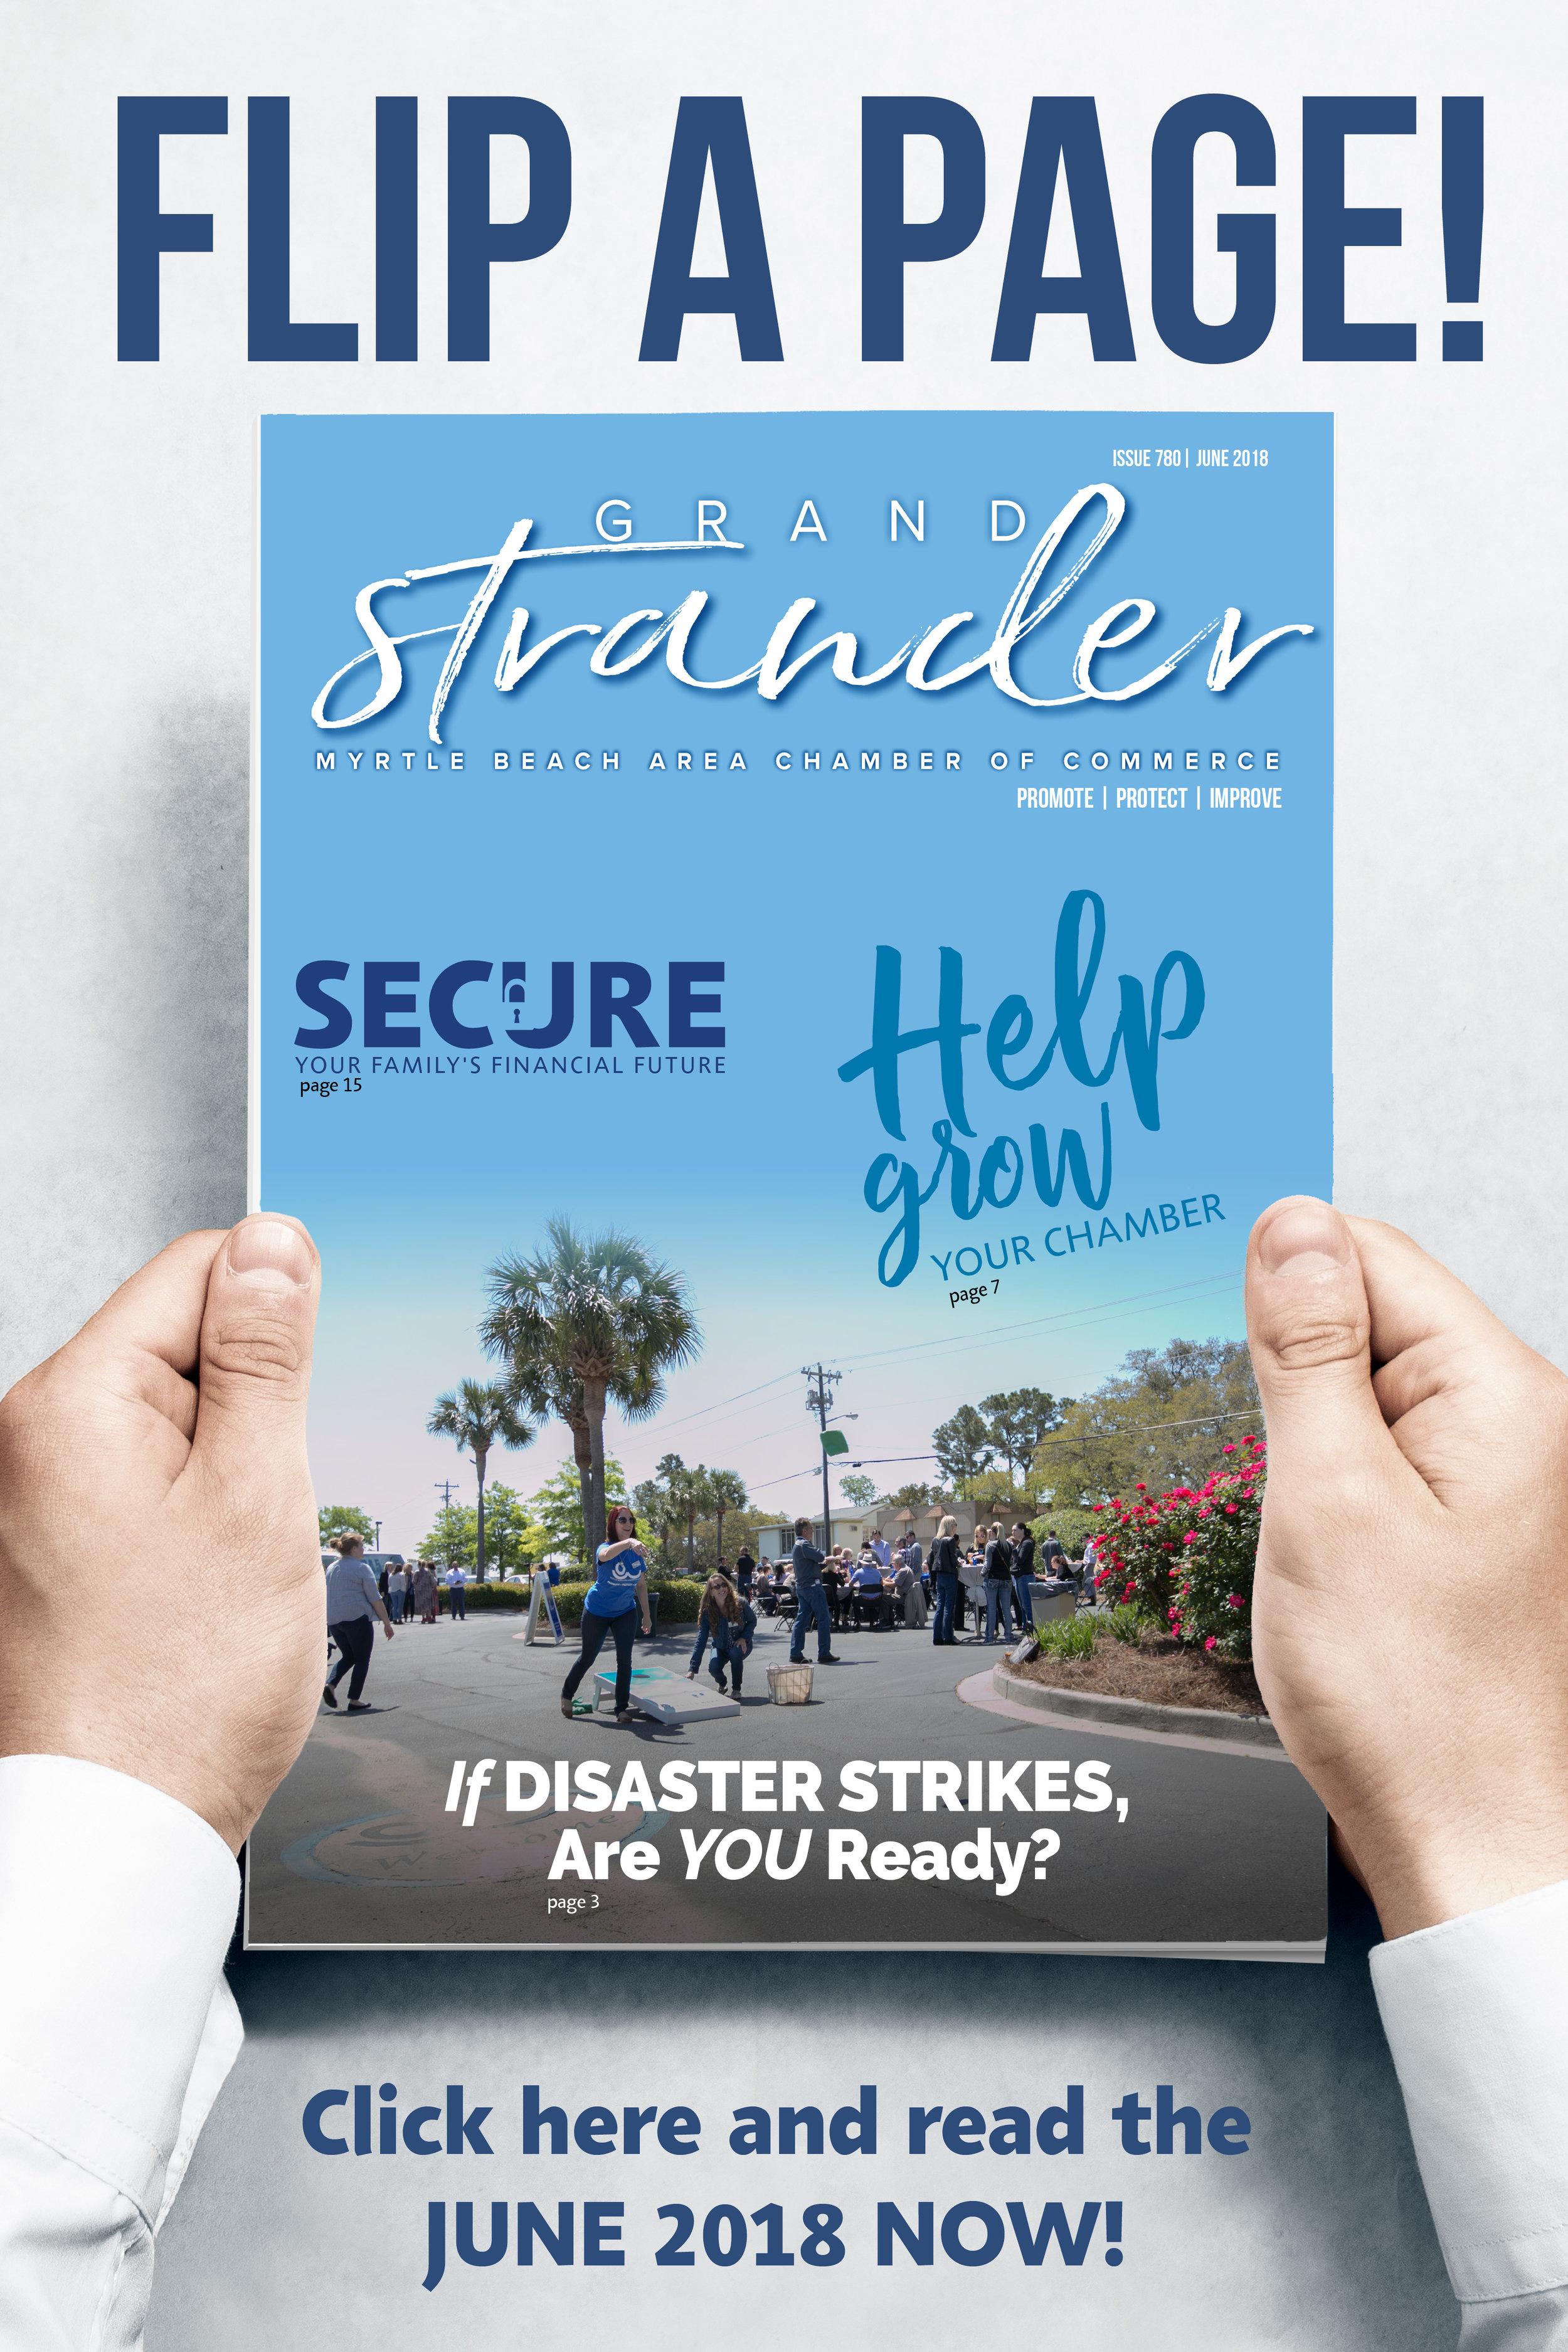 Grand Strander - June 2018